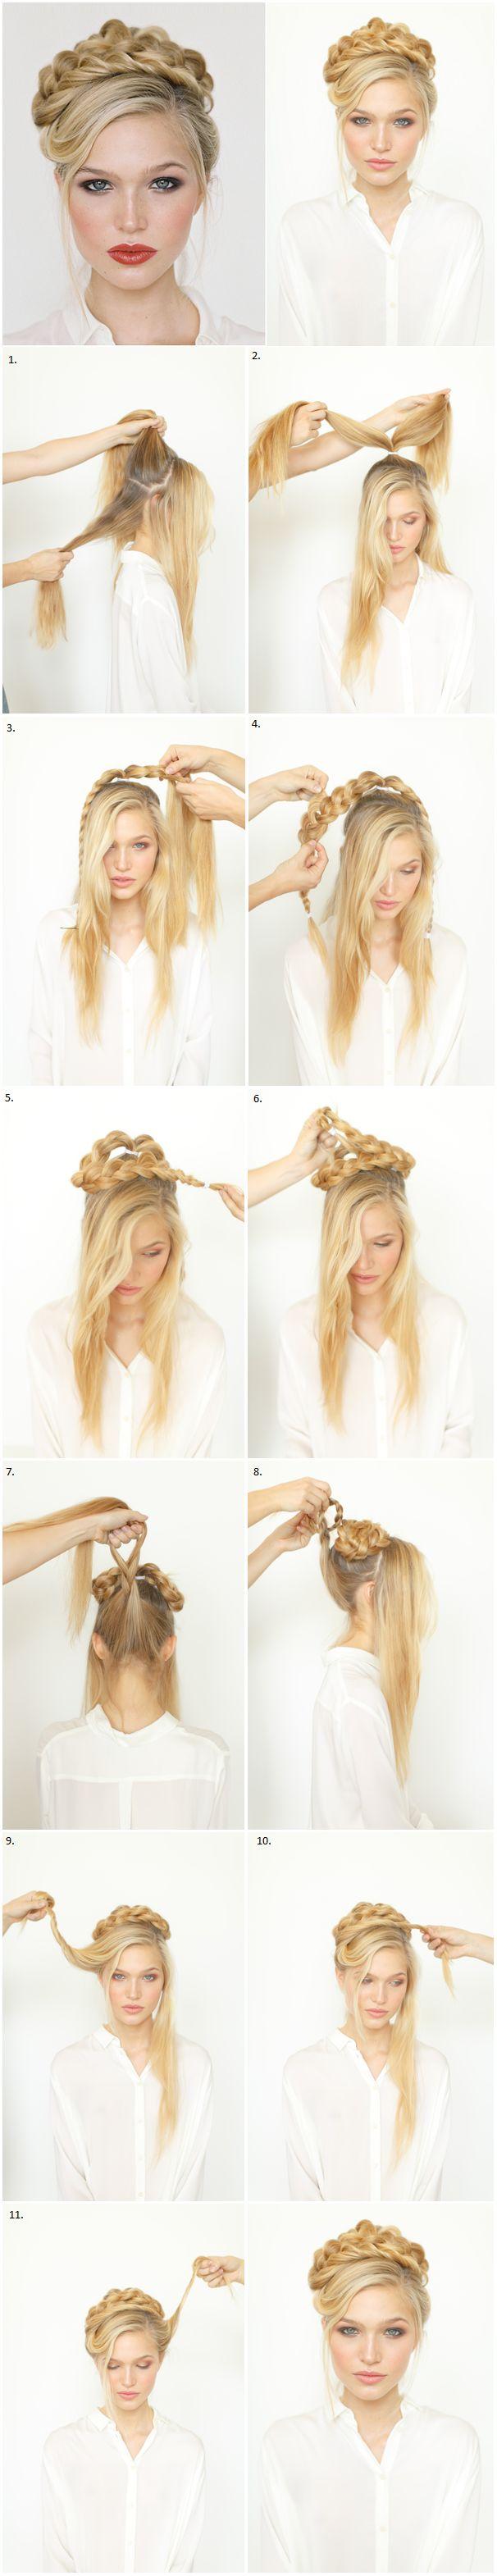 Как самостоятельно сделать укладку на длинные волосы